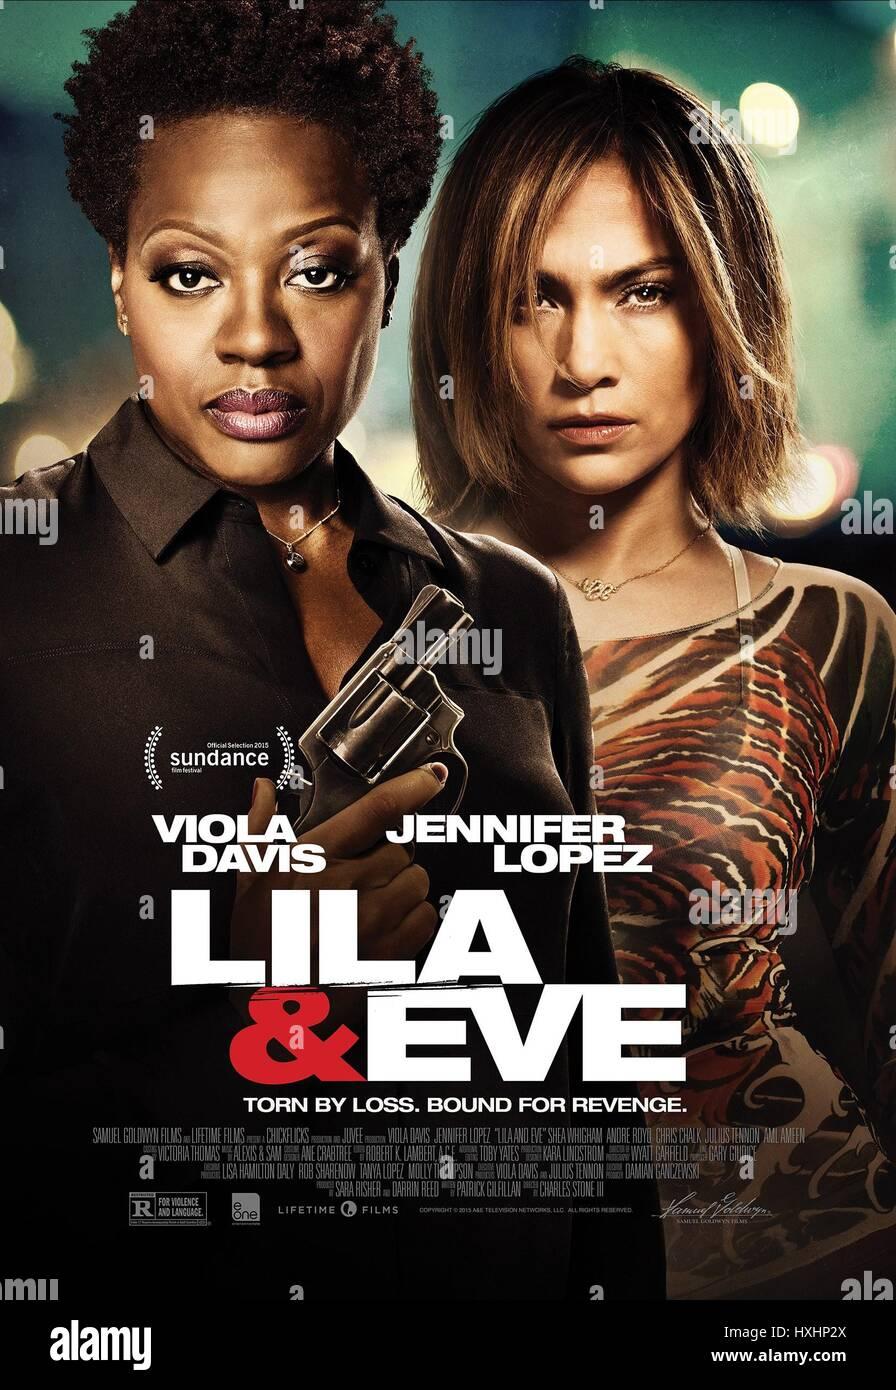 VIOLA DAVIS & JENNIFER LOPEZ POSTER LILA & EVE (2015) - Stock Image